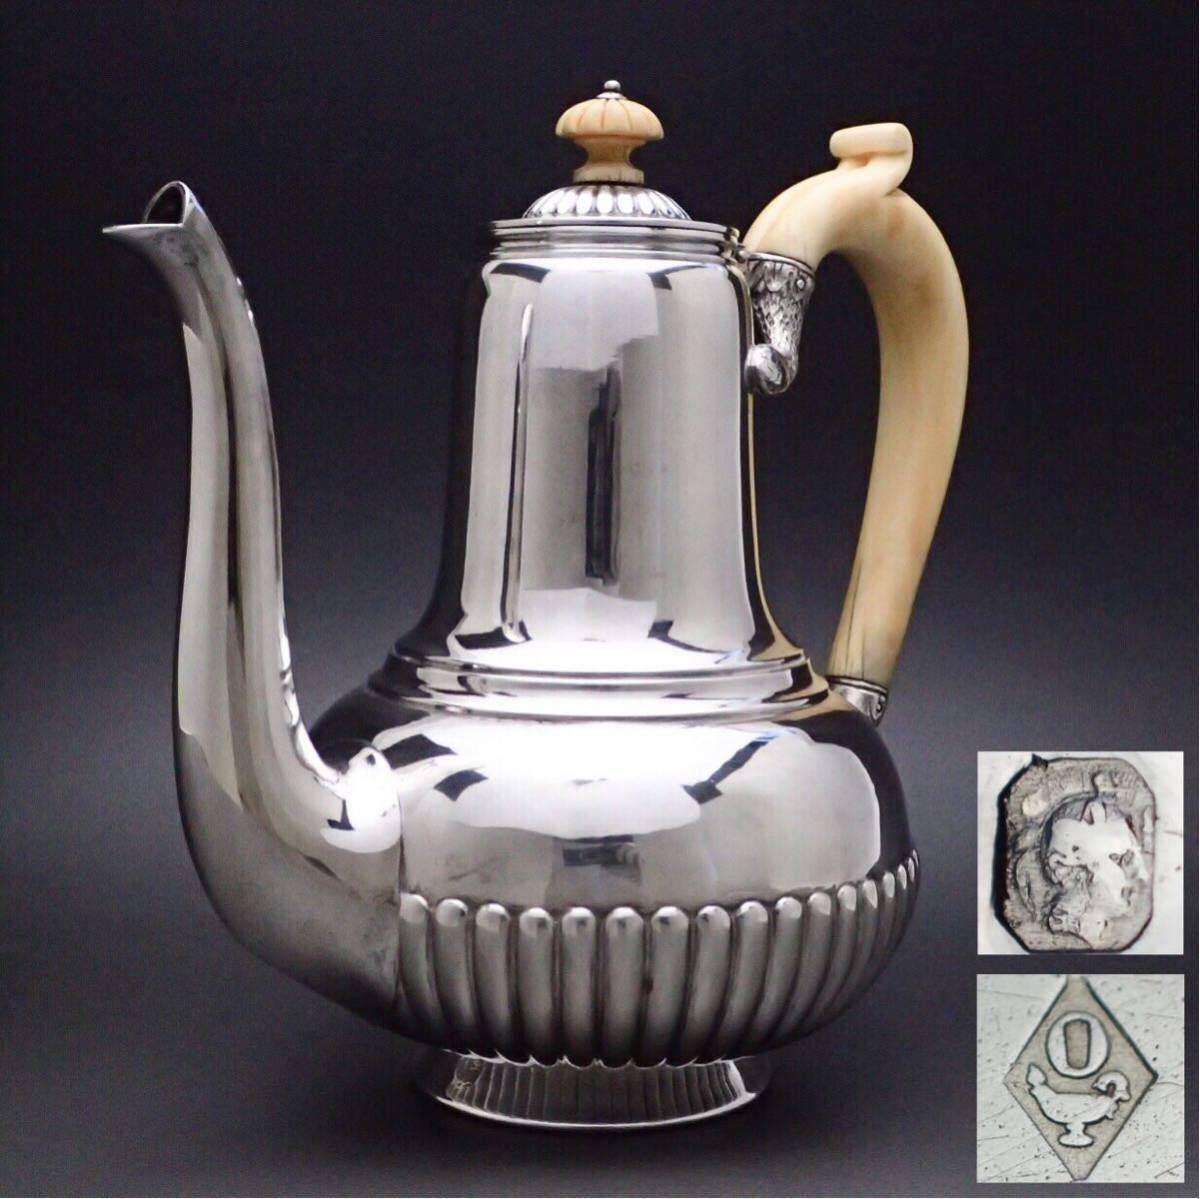 ピュイフォルカを超える唯一の銀細工 ODIOT/オディオ 純銀無垢 コーヒー&ティーポット 1800年代のお品